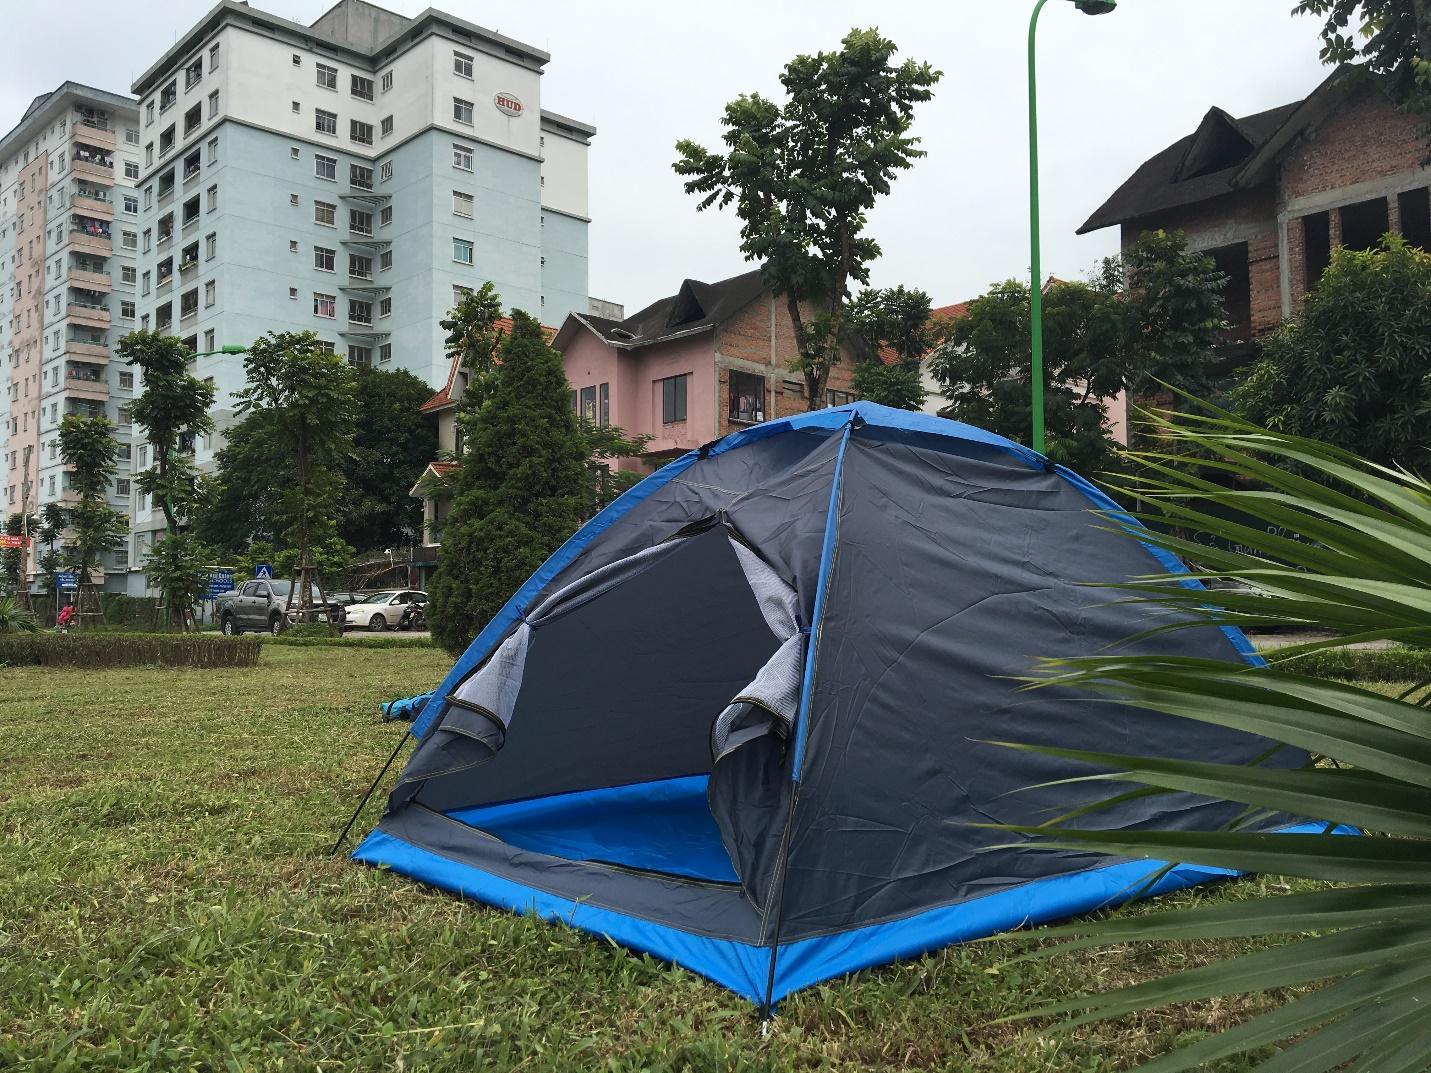 Có nên dùng dịch vụ cho thuê lều khi đi cắm trại hay không?